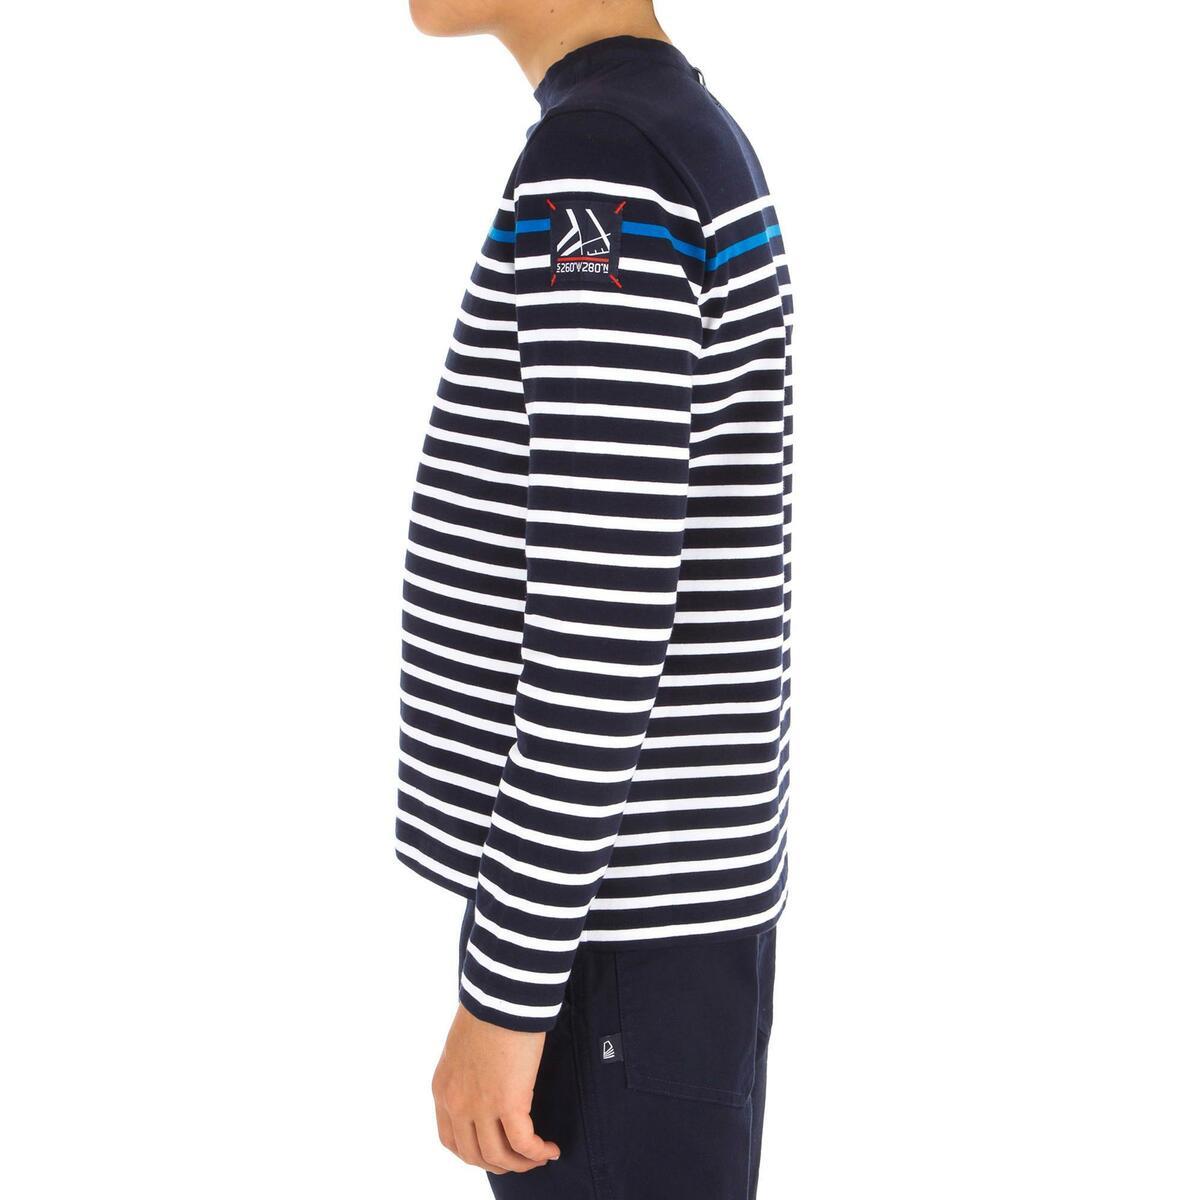 Bild 2 von Segelshirt langarm Sailing 100 Jungen blau gestreift